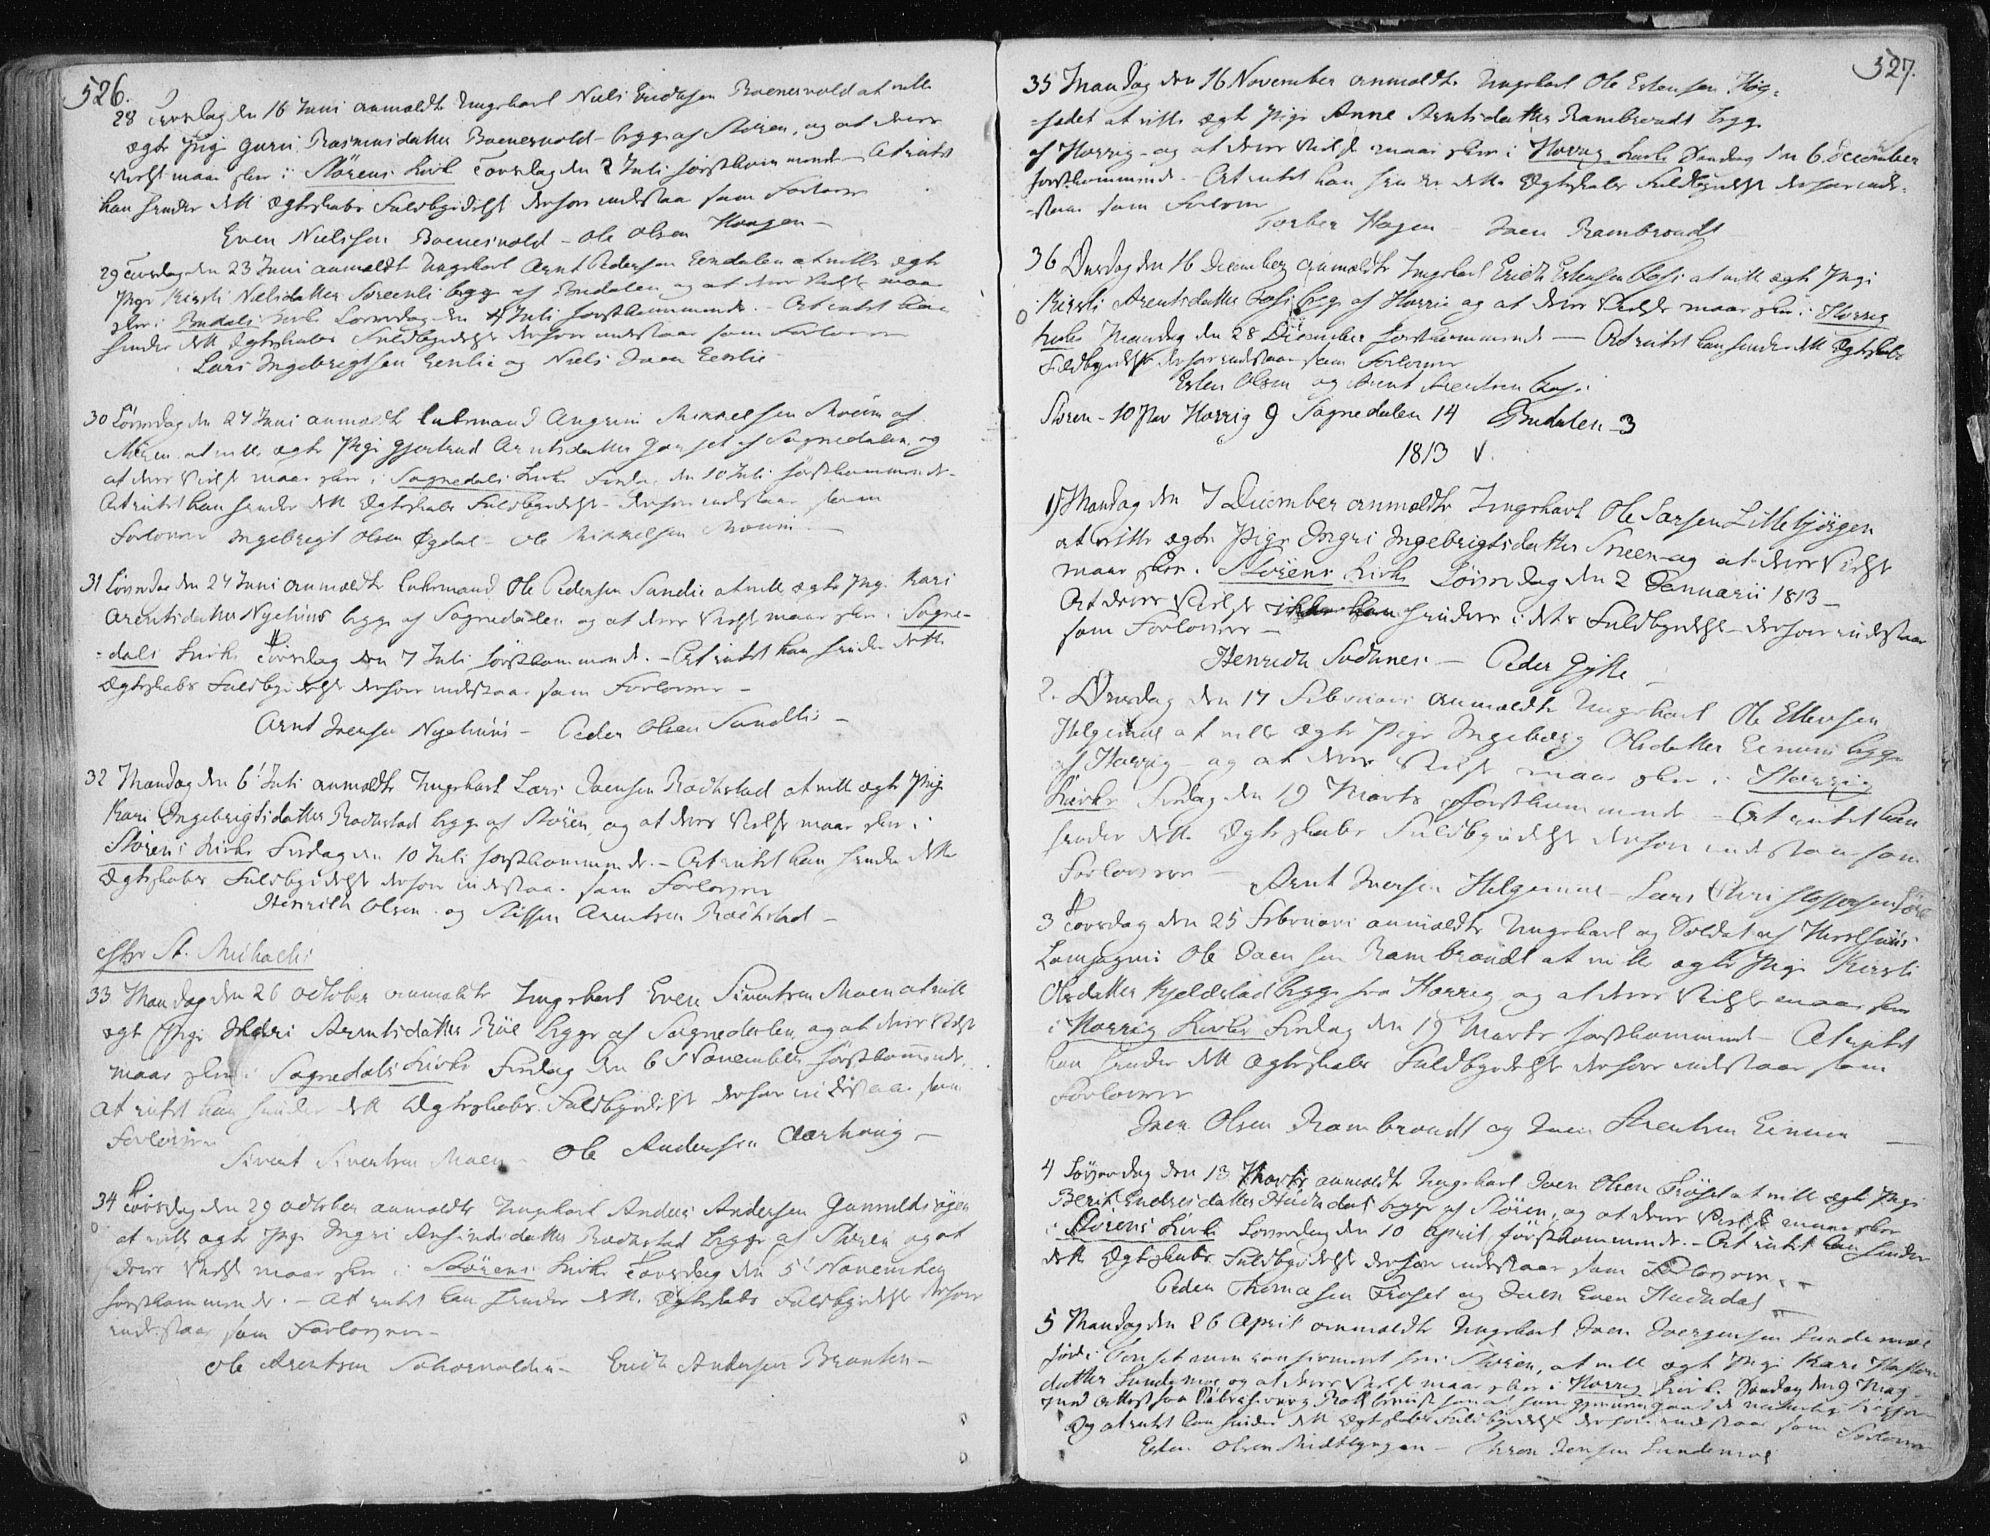 SAT, Ministerialprotokoller, klokkerbøker og fødselsregistre - Sør-Trøndelag, 687/L0992: Ministerialbok nr. 687A03 /1, 1788-1815, s. 526-527